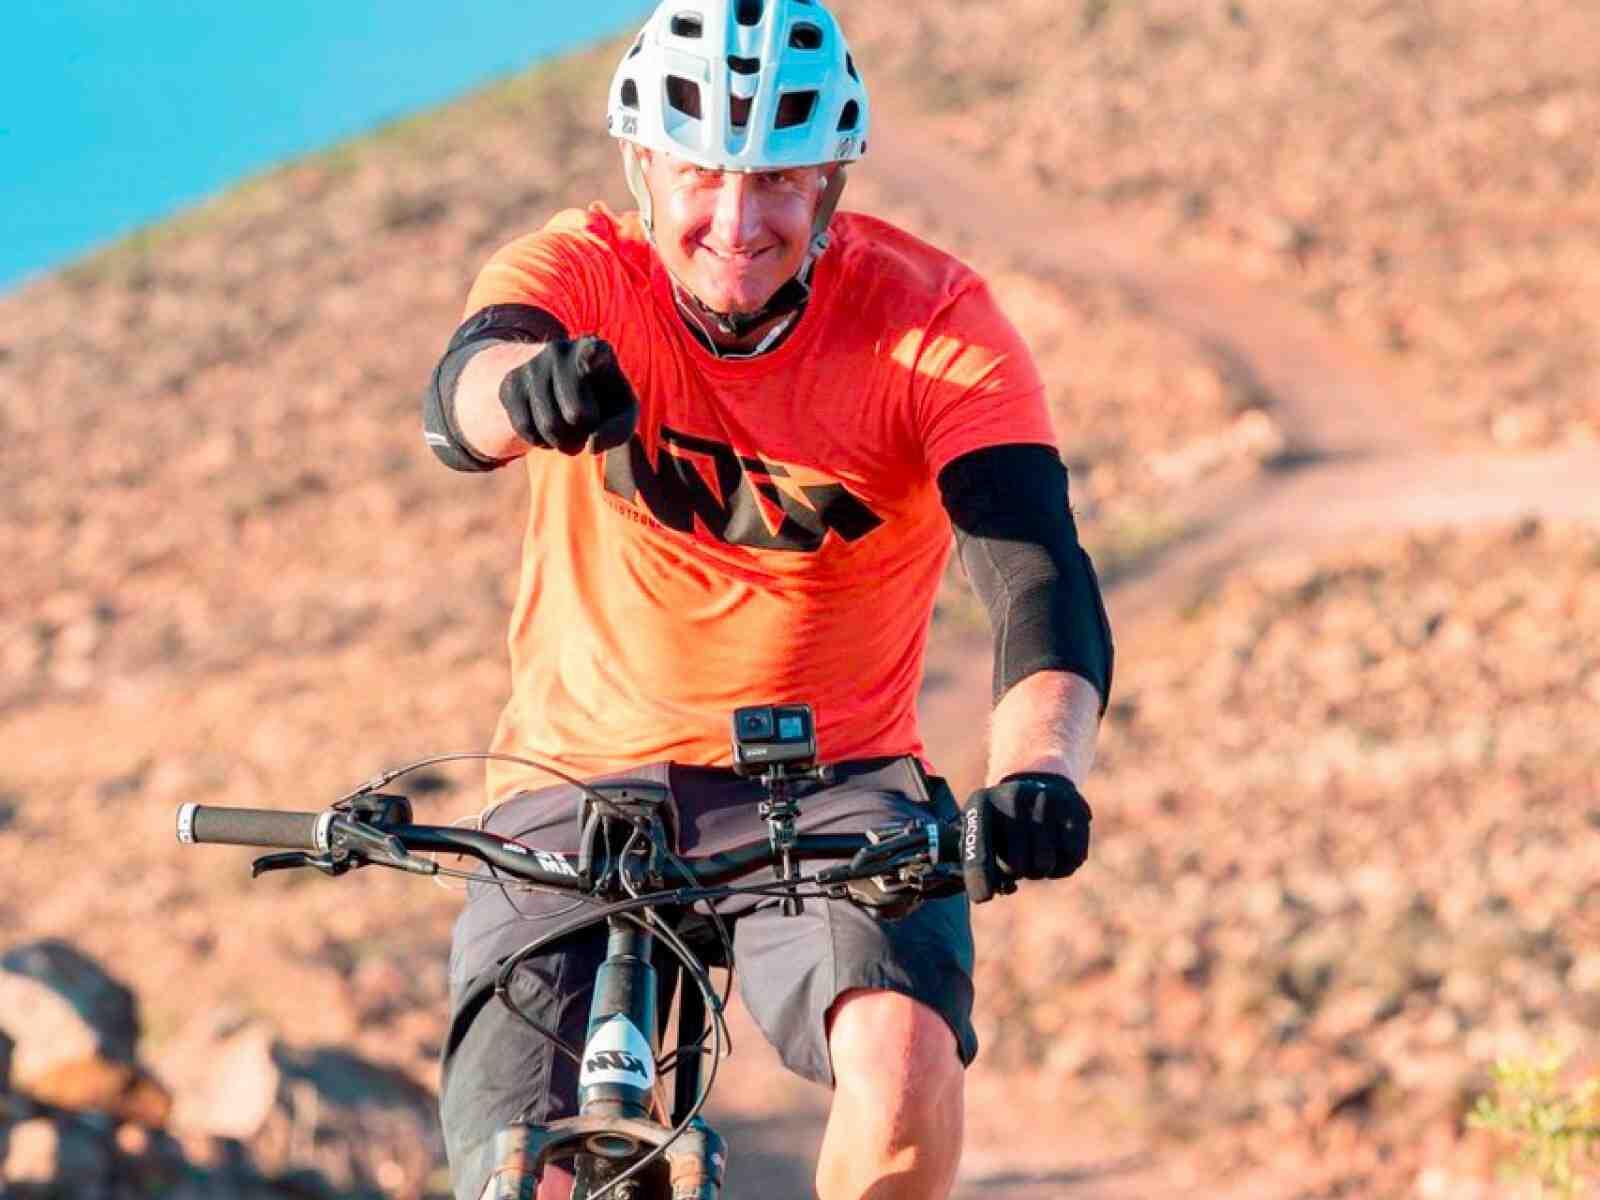 Comment porter short vélo ?